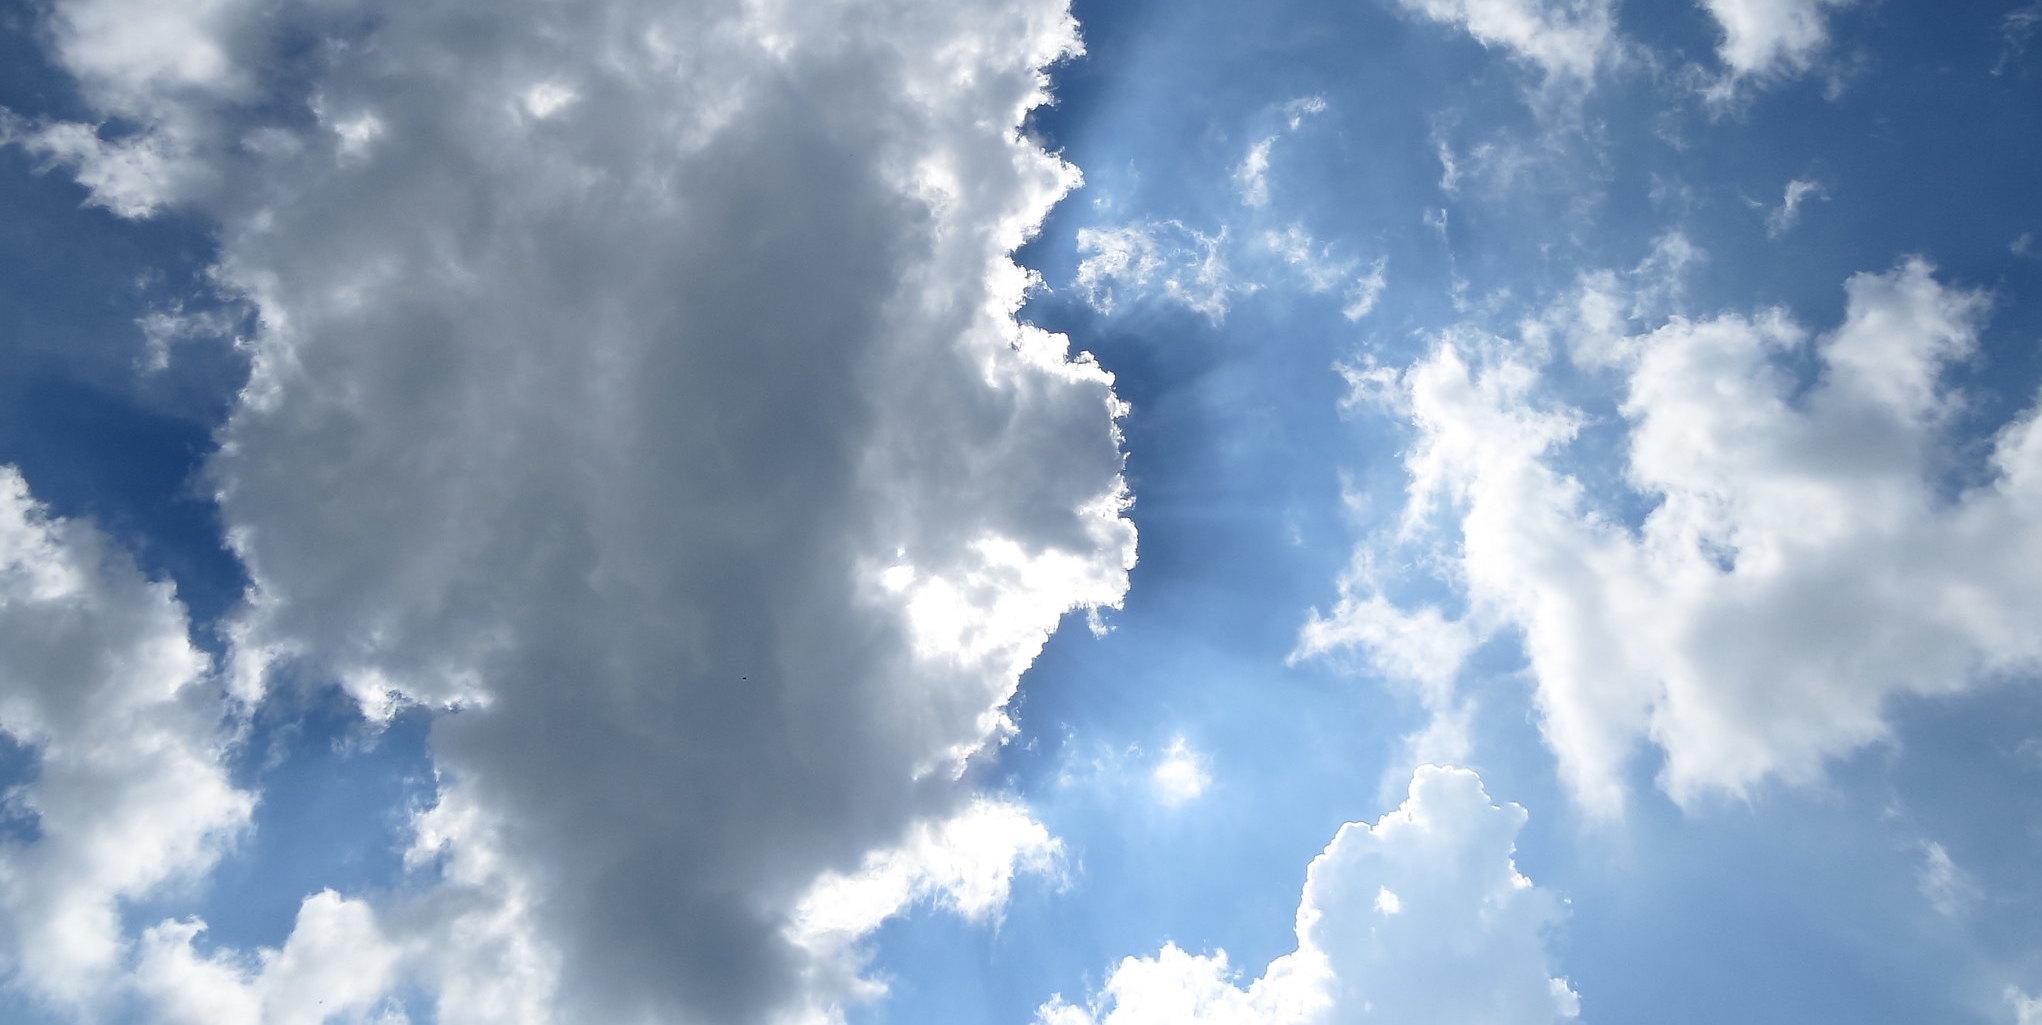 strahlender himmel mit kumulus wolken